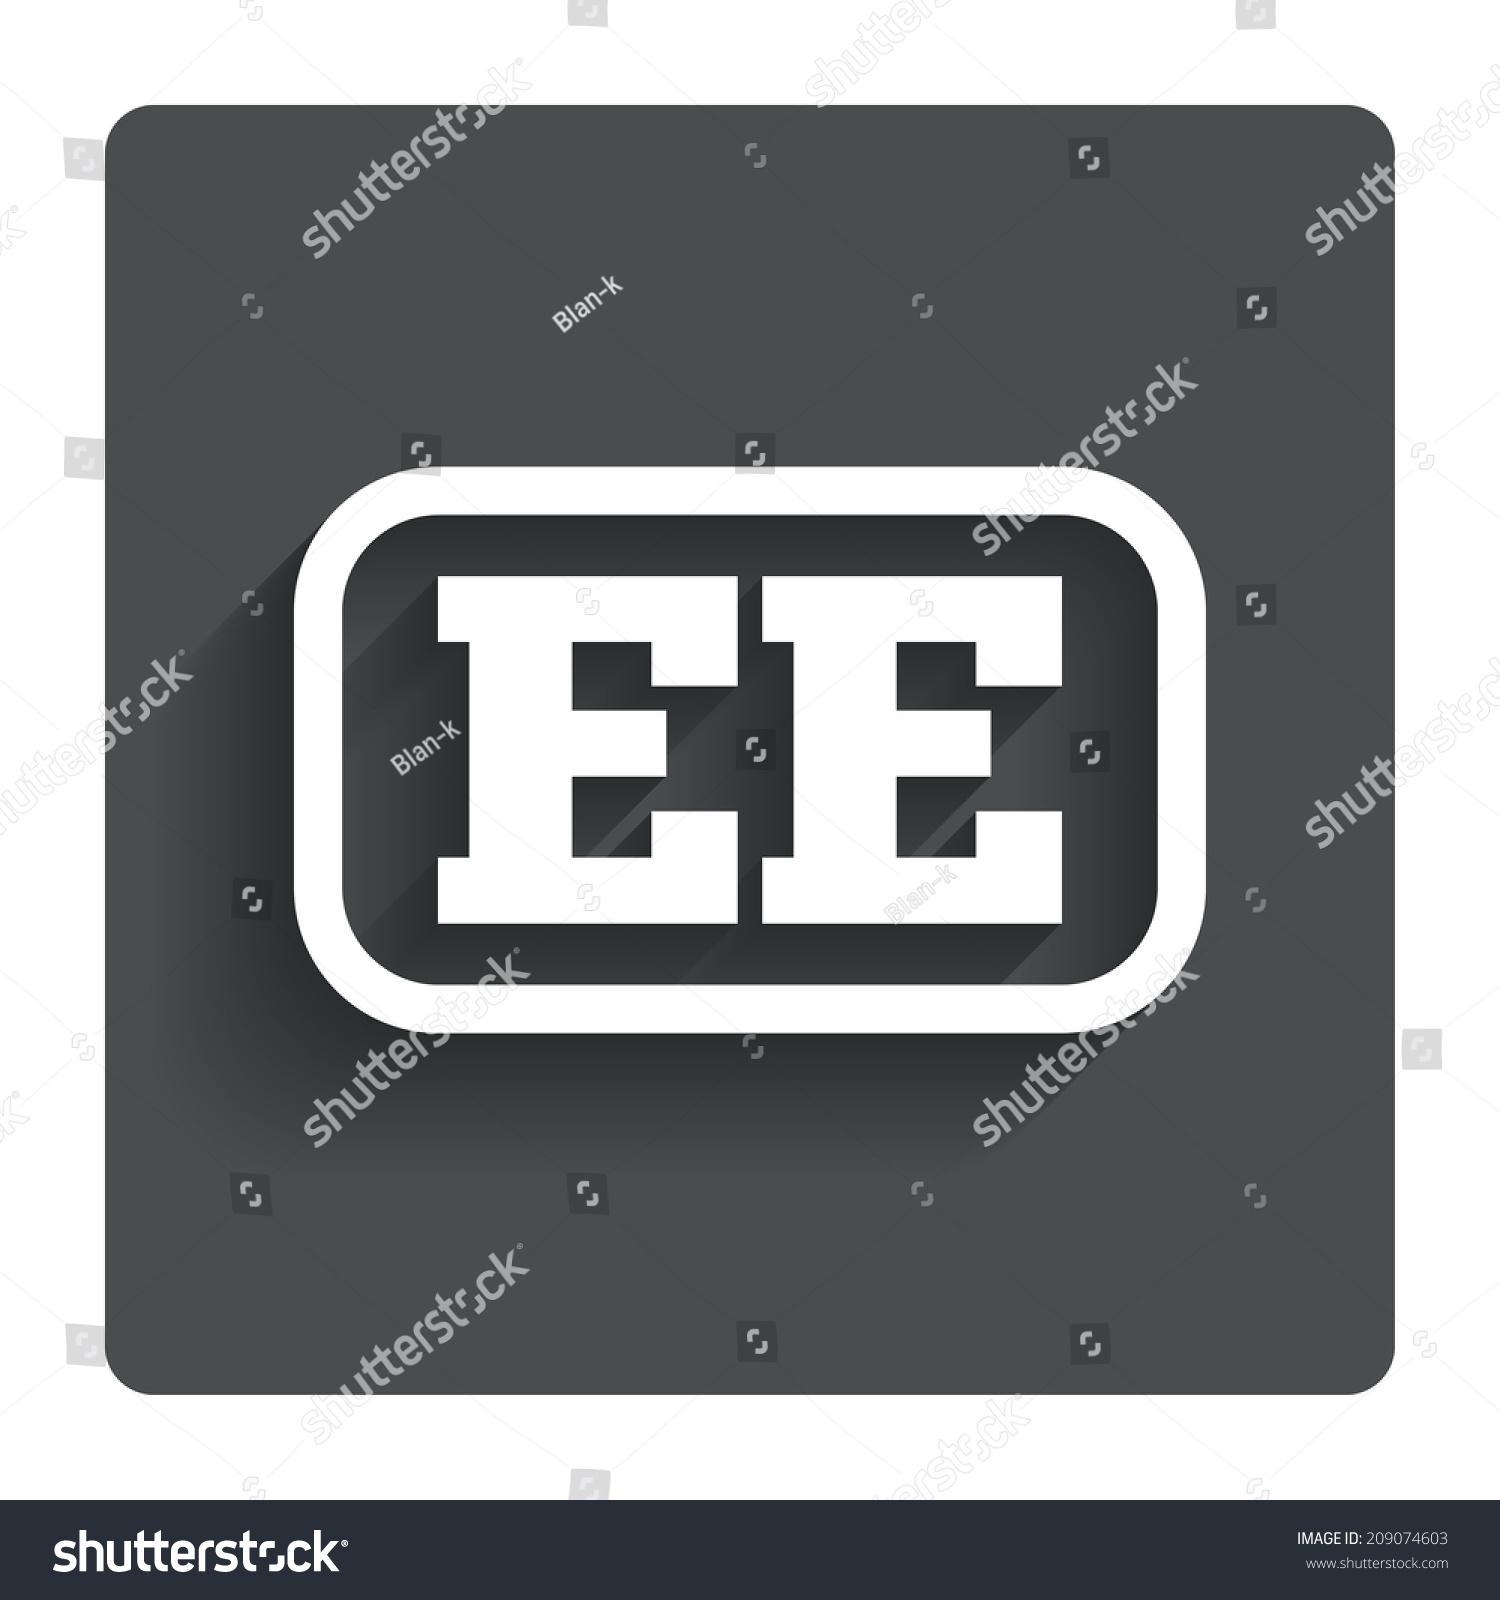 Atemberaubend Kesseldampfdruck Bilder - Elektrische Schaltplan-Ideen ...